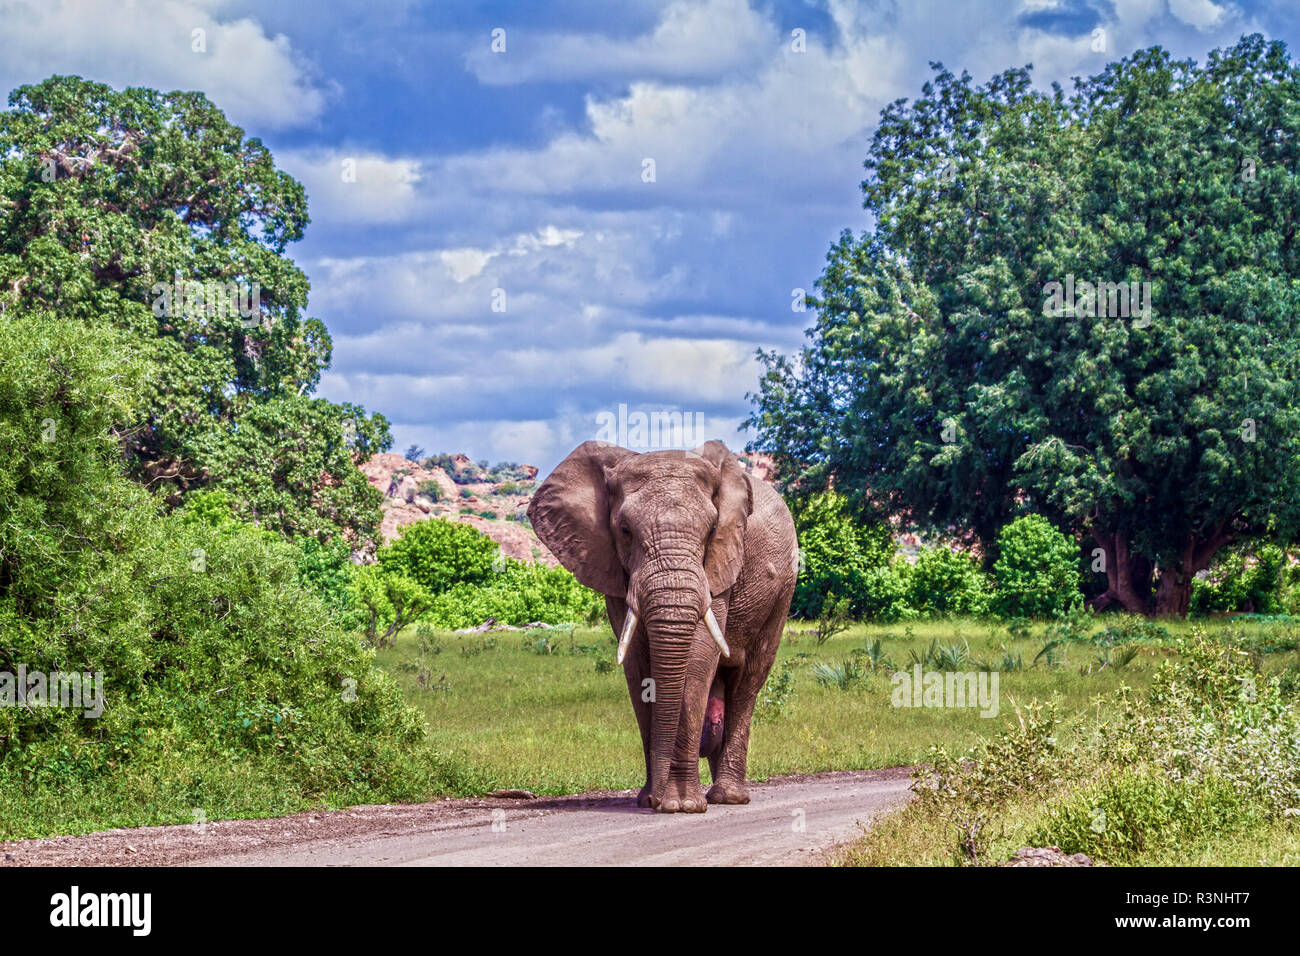 African bush elephant (Loxodonta africana) in Mapungubwe National park, South Africa. - Stock Image